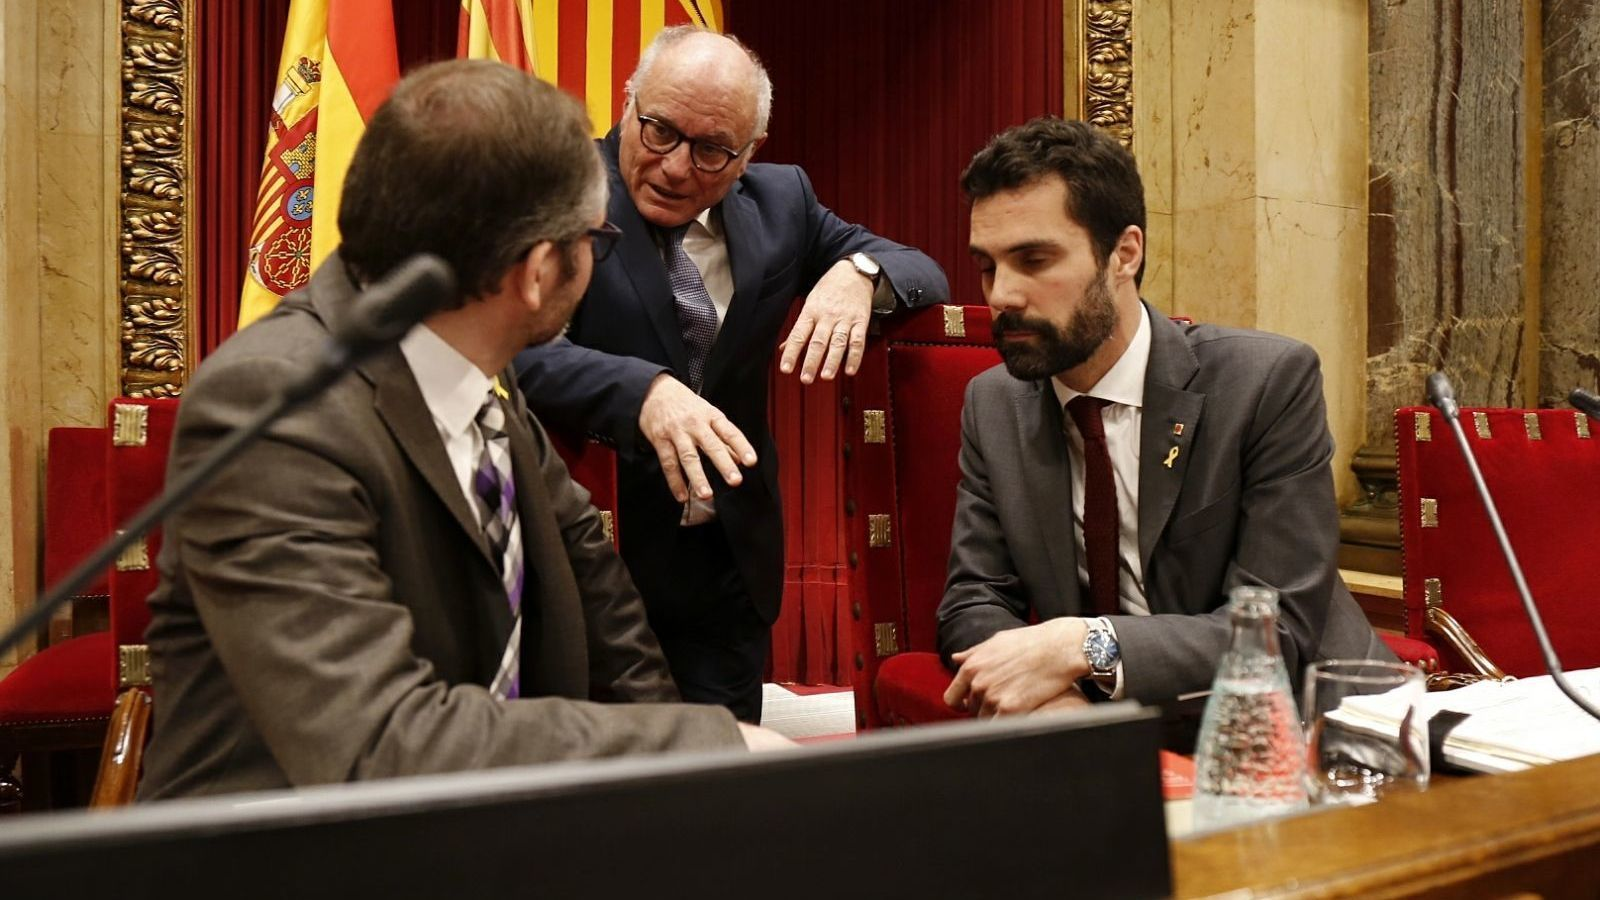 El secretari general del Parlament ordena retirar l'acta de diputat a Torra